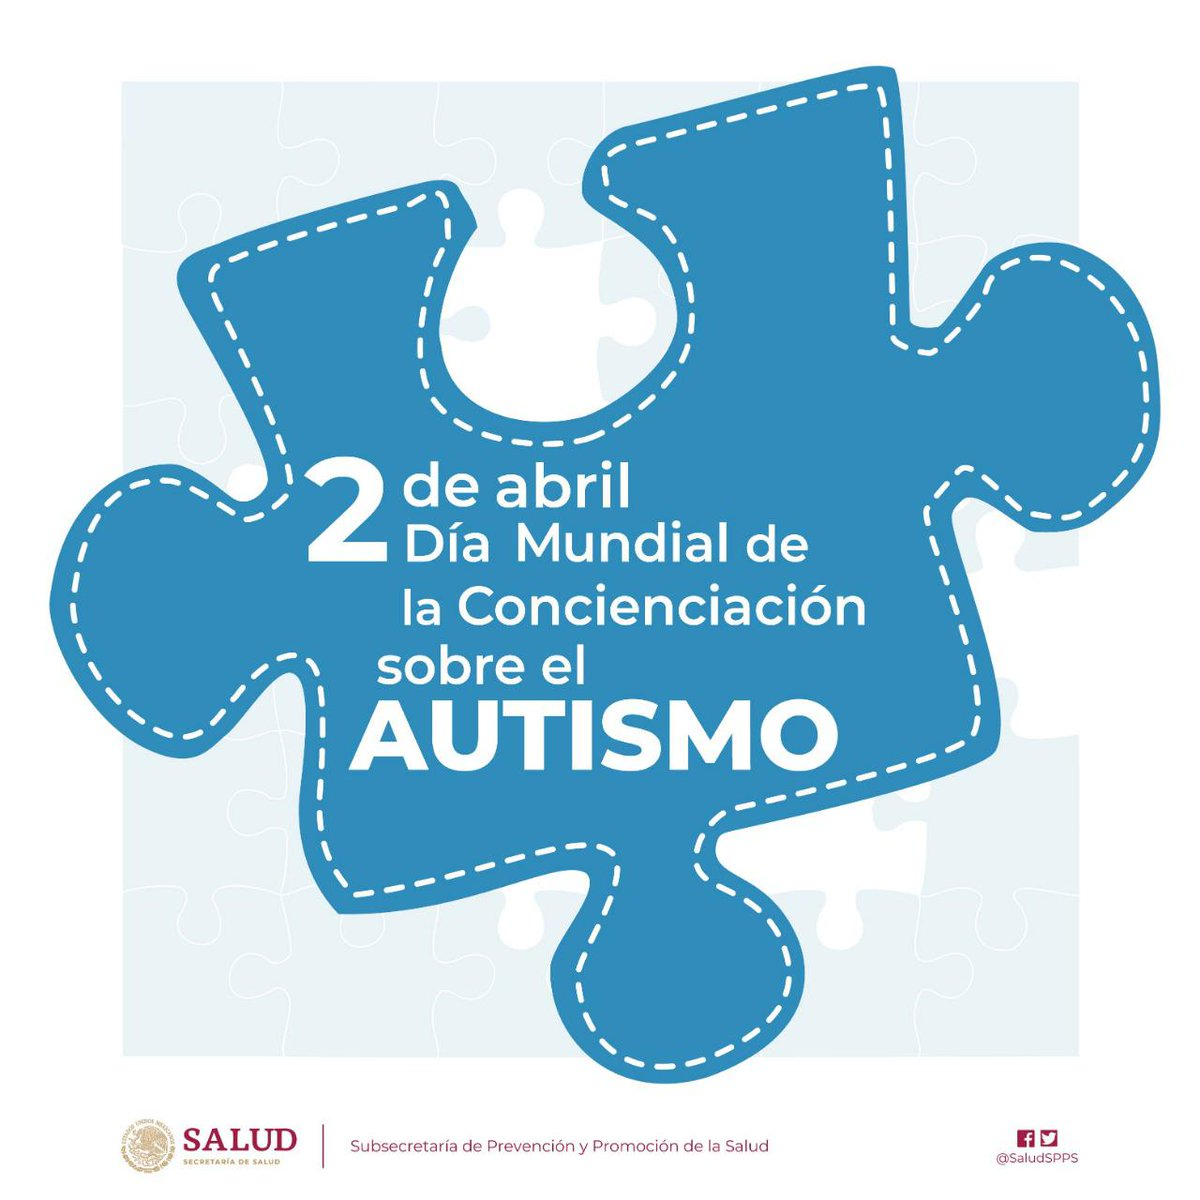 Día Mundial de la Concienciación sobre el Autismo. Foto de @SSalud_mx